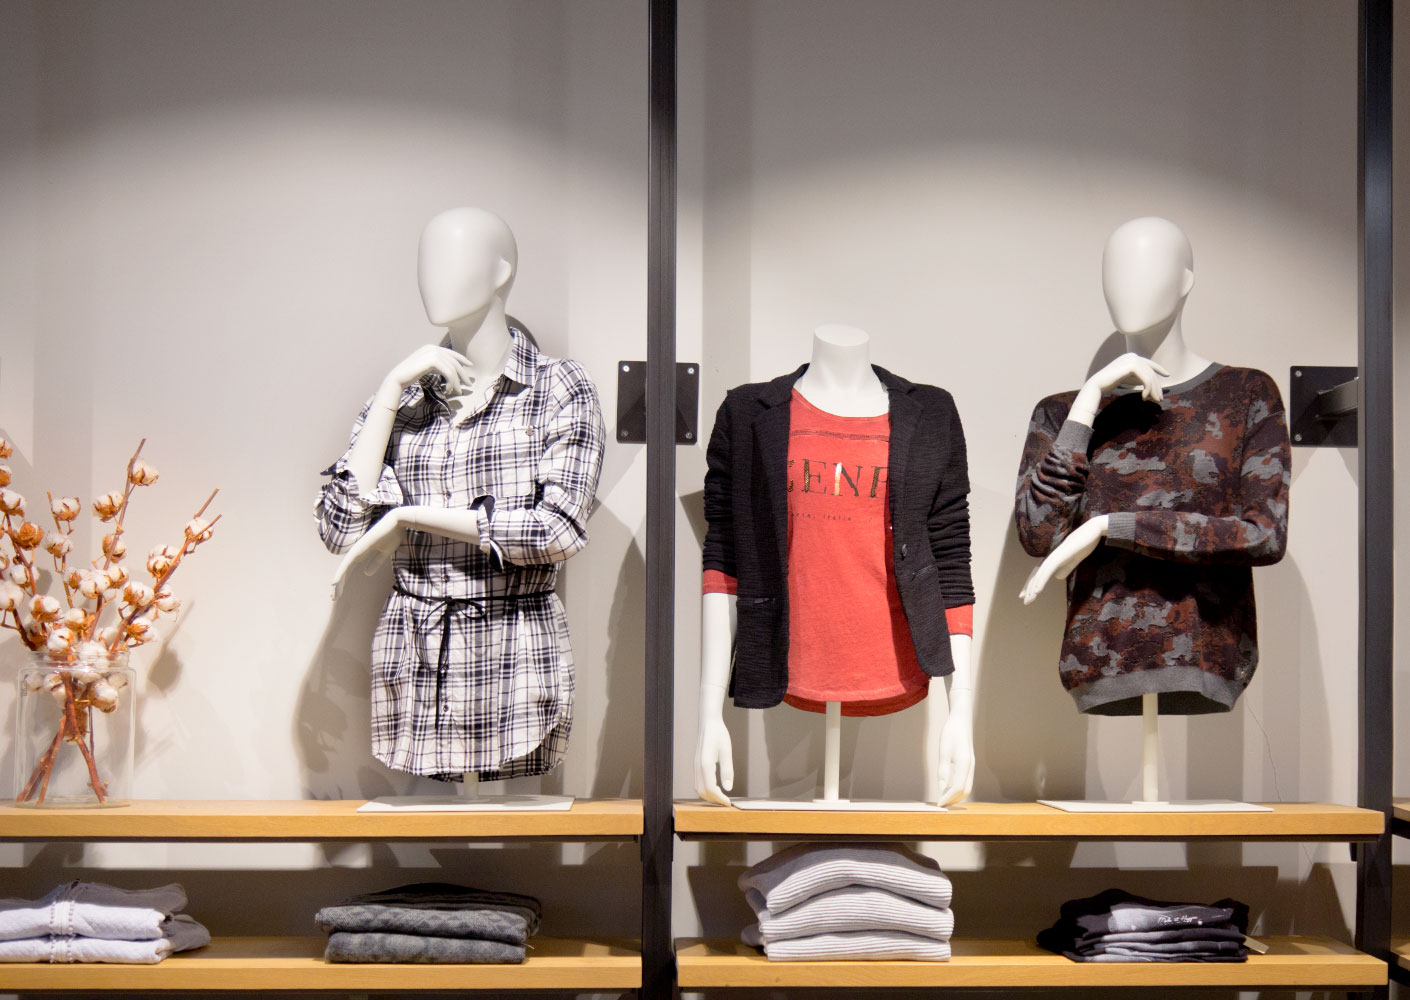 Image taken at Jeans Centre, Hoofddorp